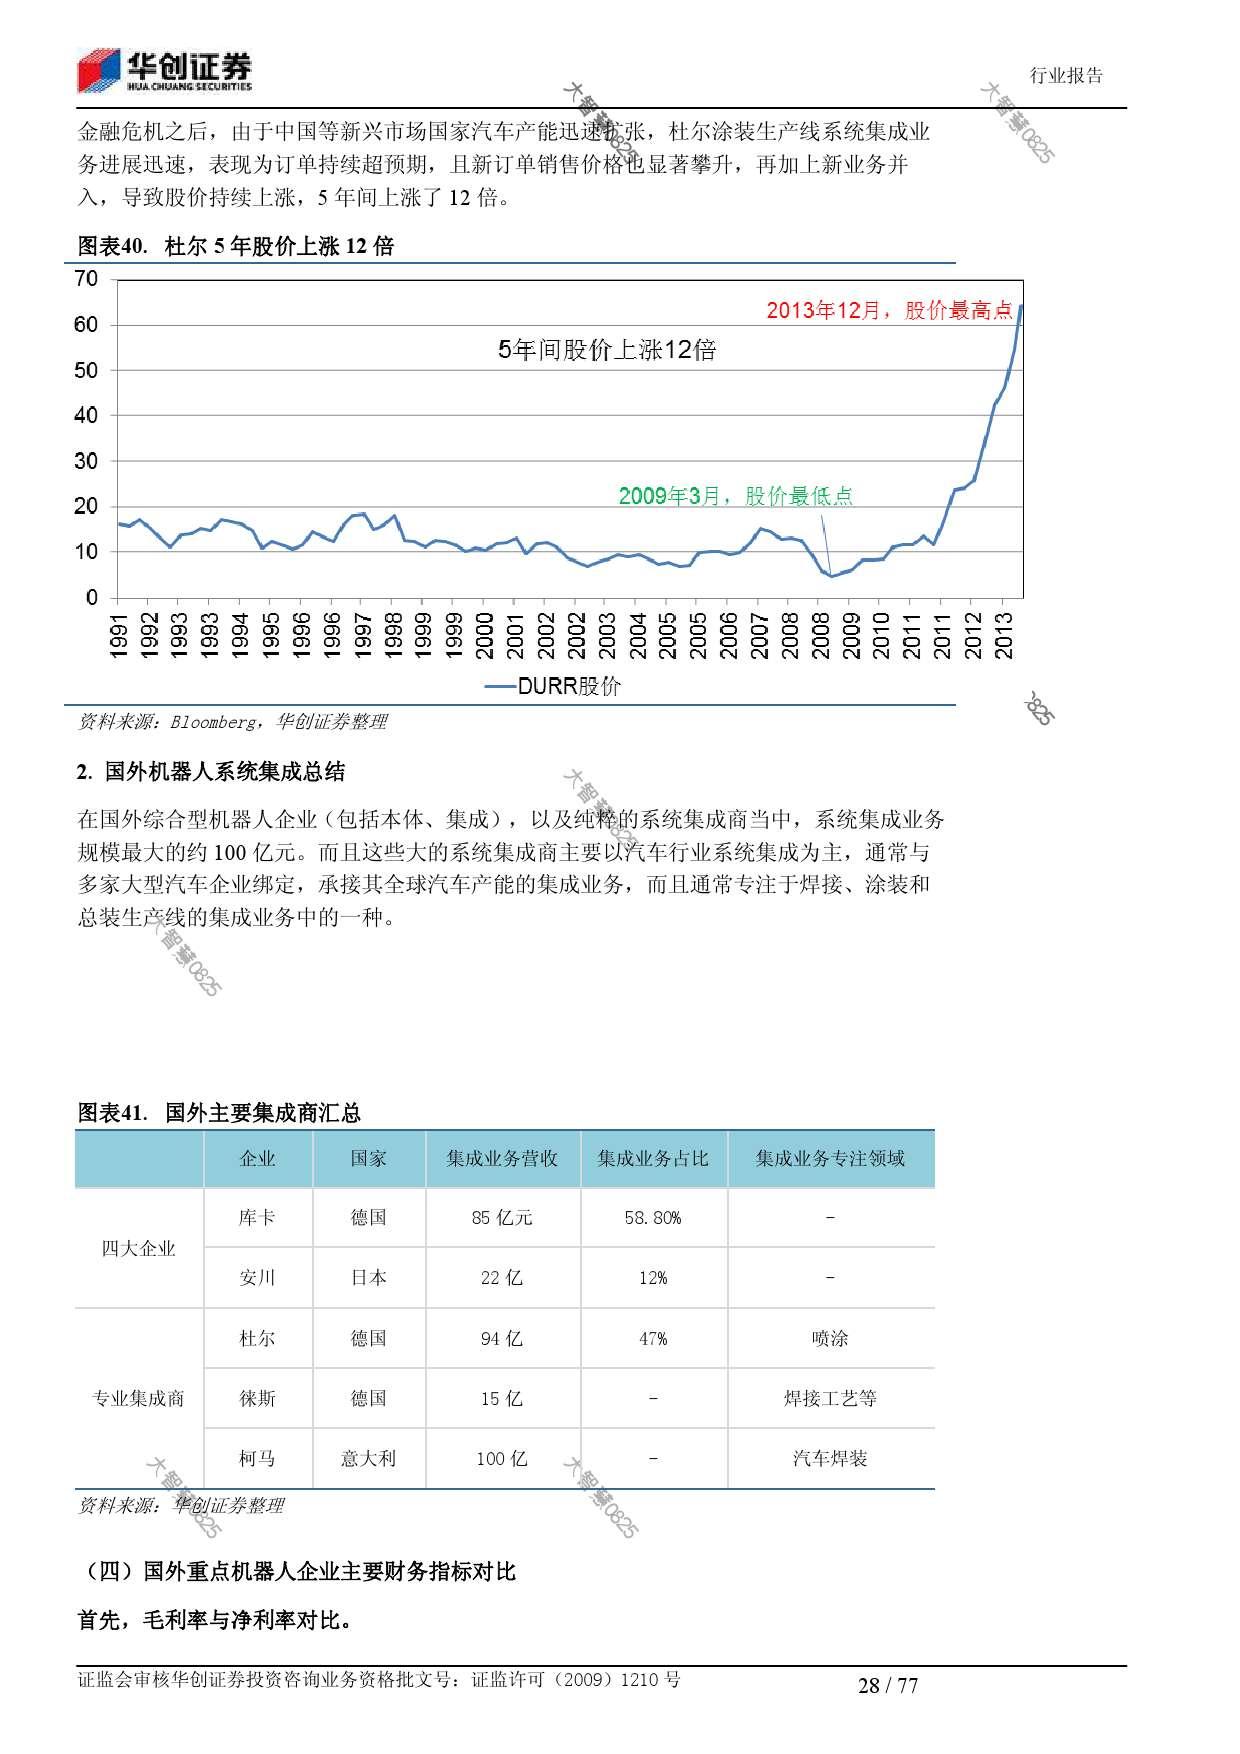 行业研究_华创证券_刘国清,鲁佩_机械设备:机器人大趋势_2014021_000028